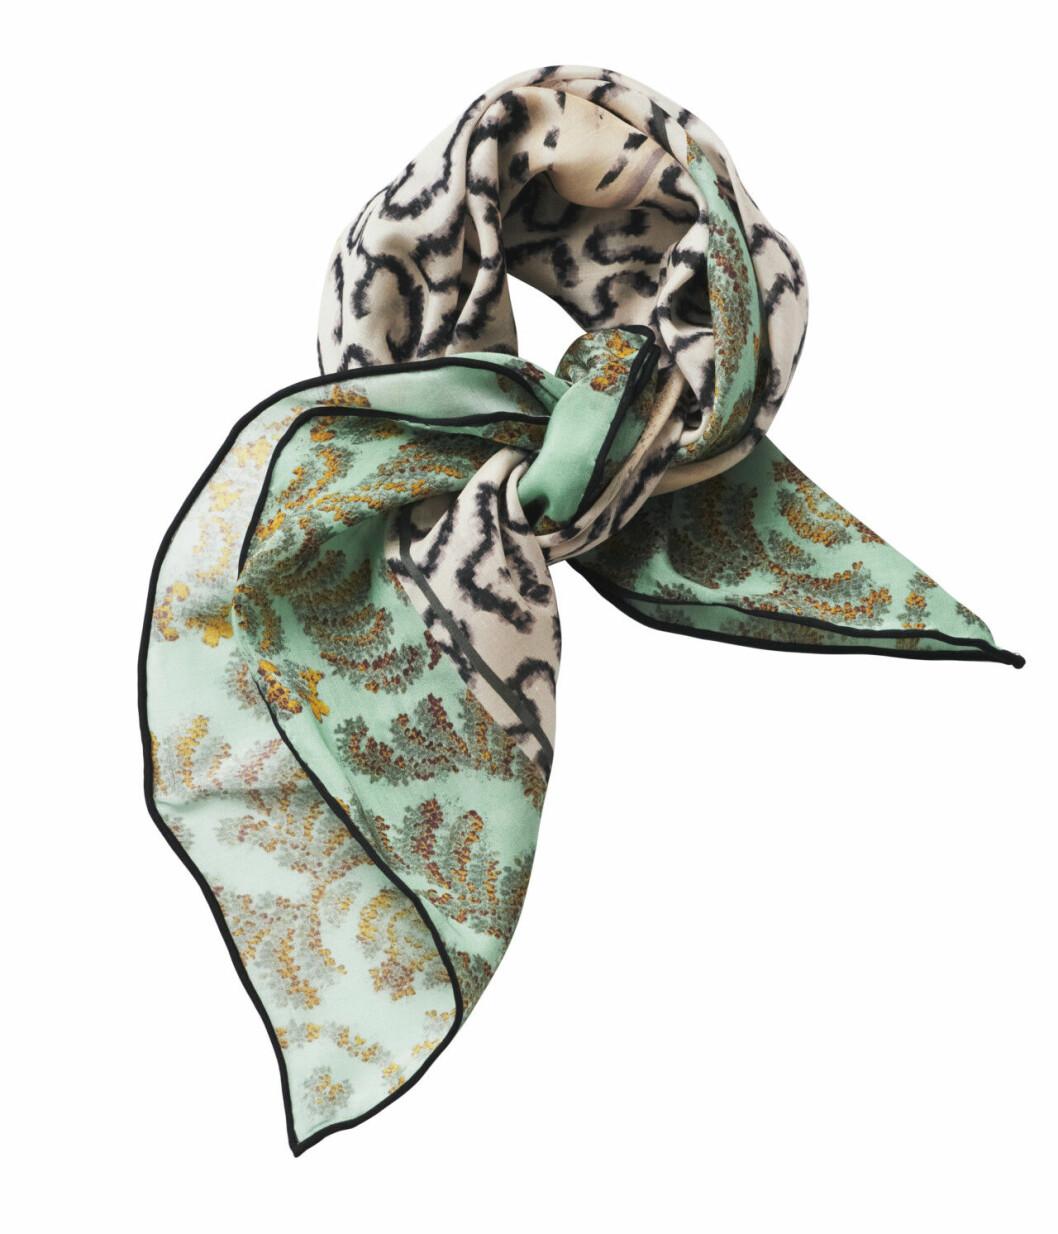 H&M Conscious Exclusive 2019 beige och grön scarf